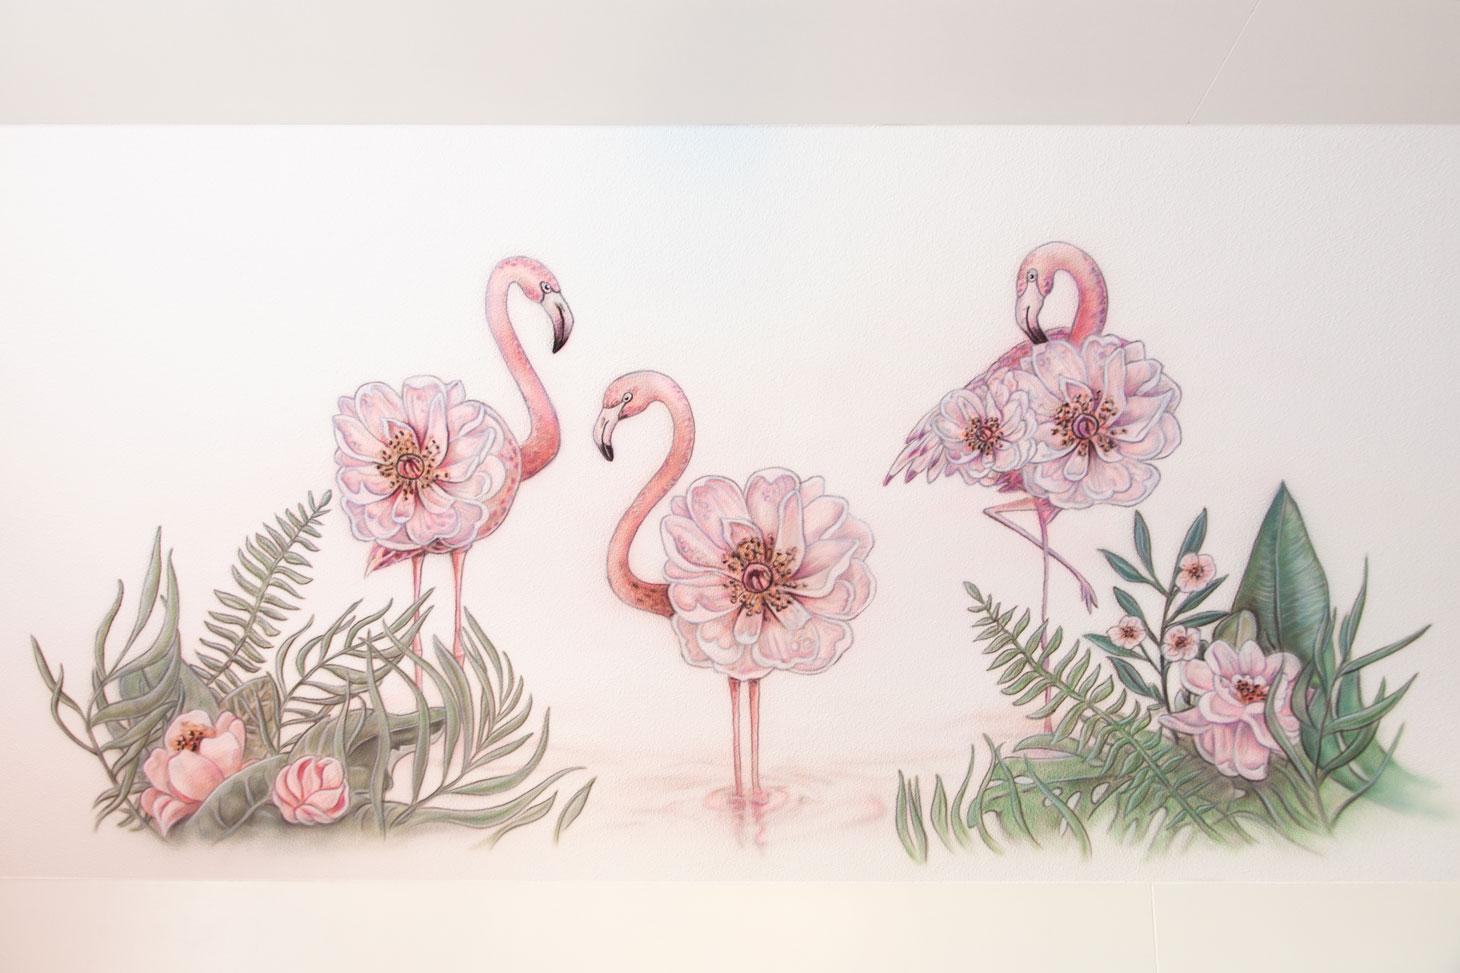 Flamingo's met roze bloemen airbrush muurschildering in meisjeskamer